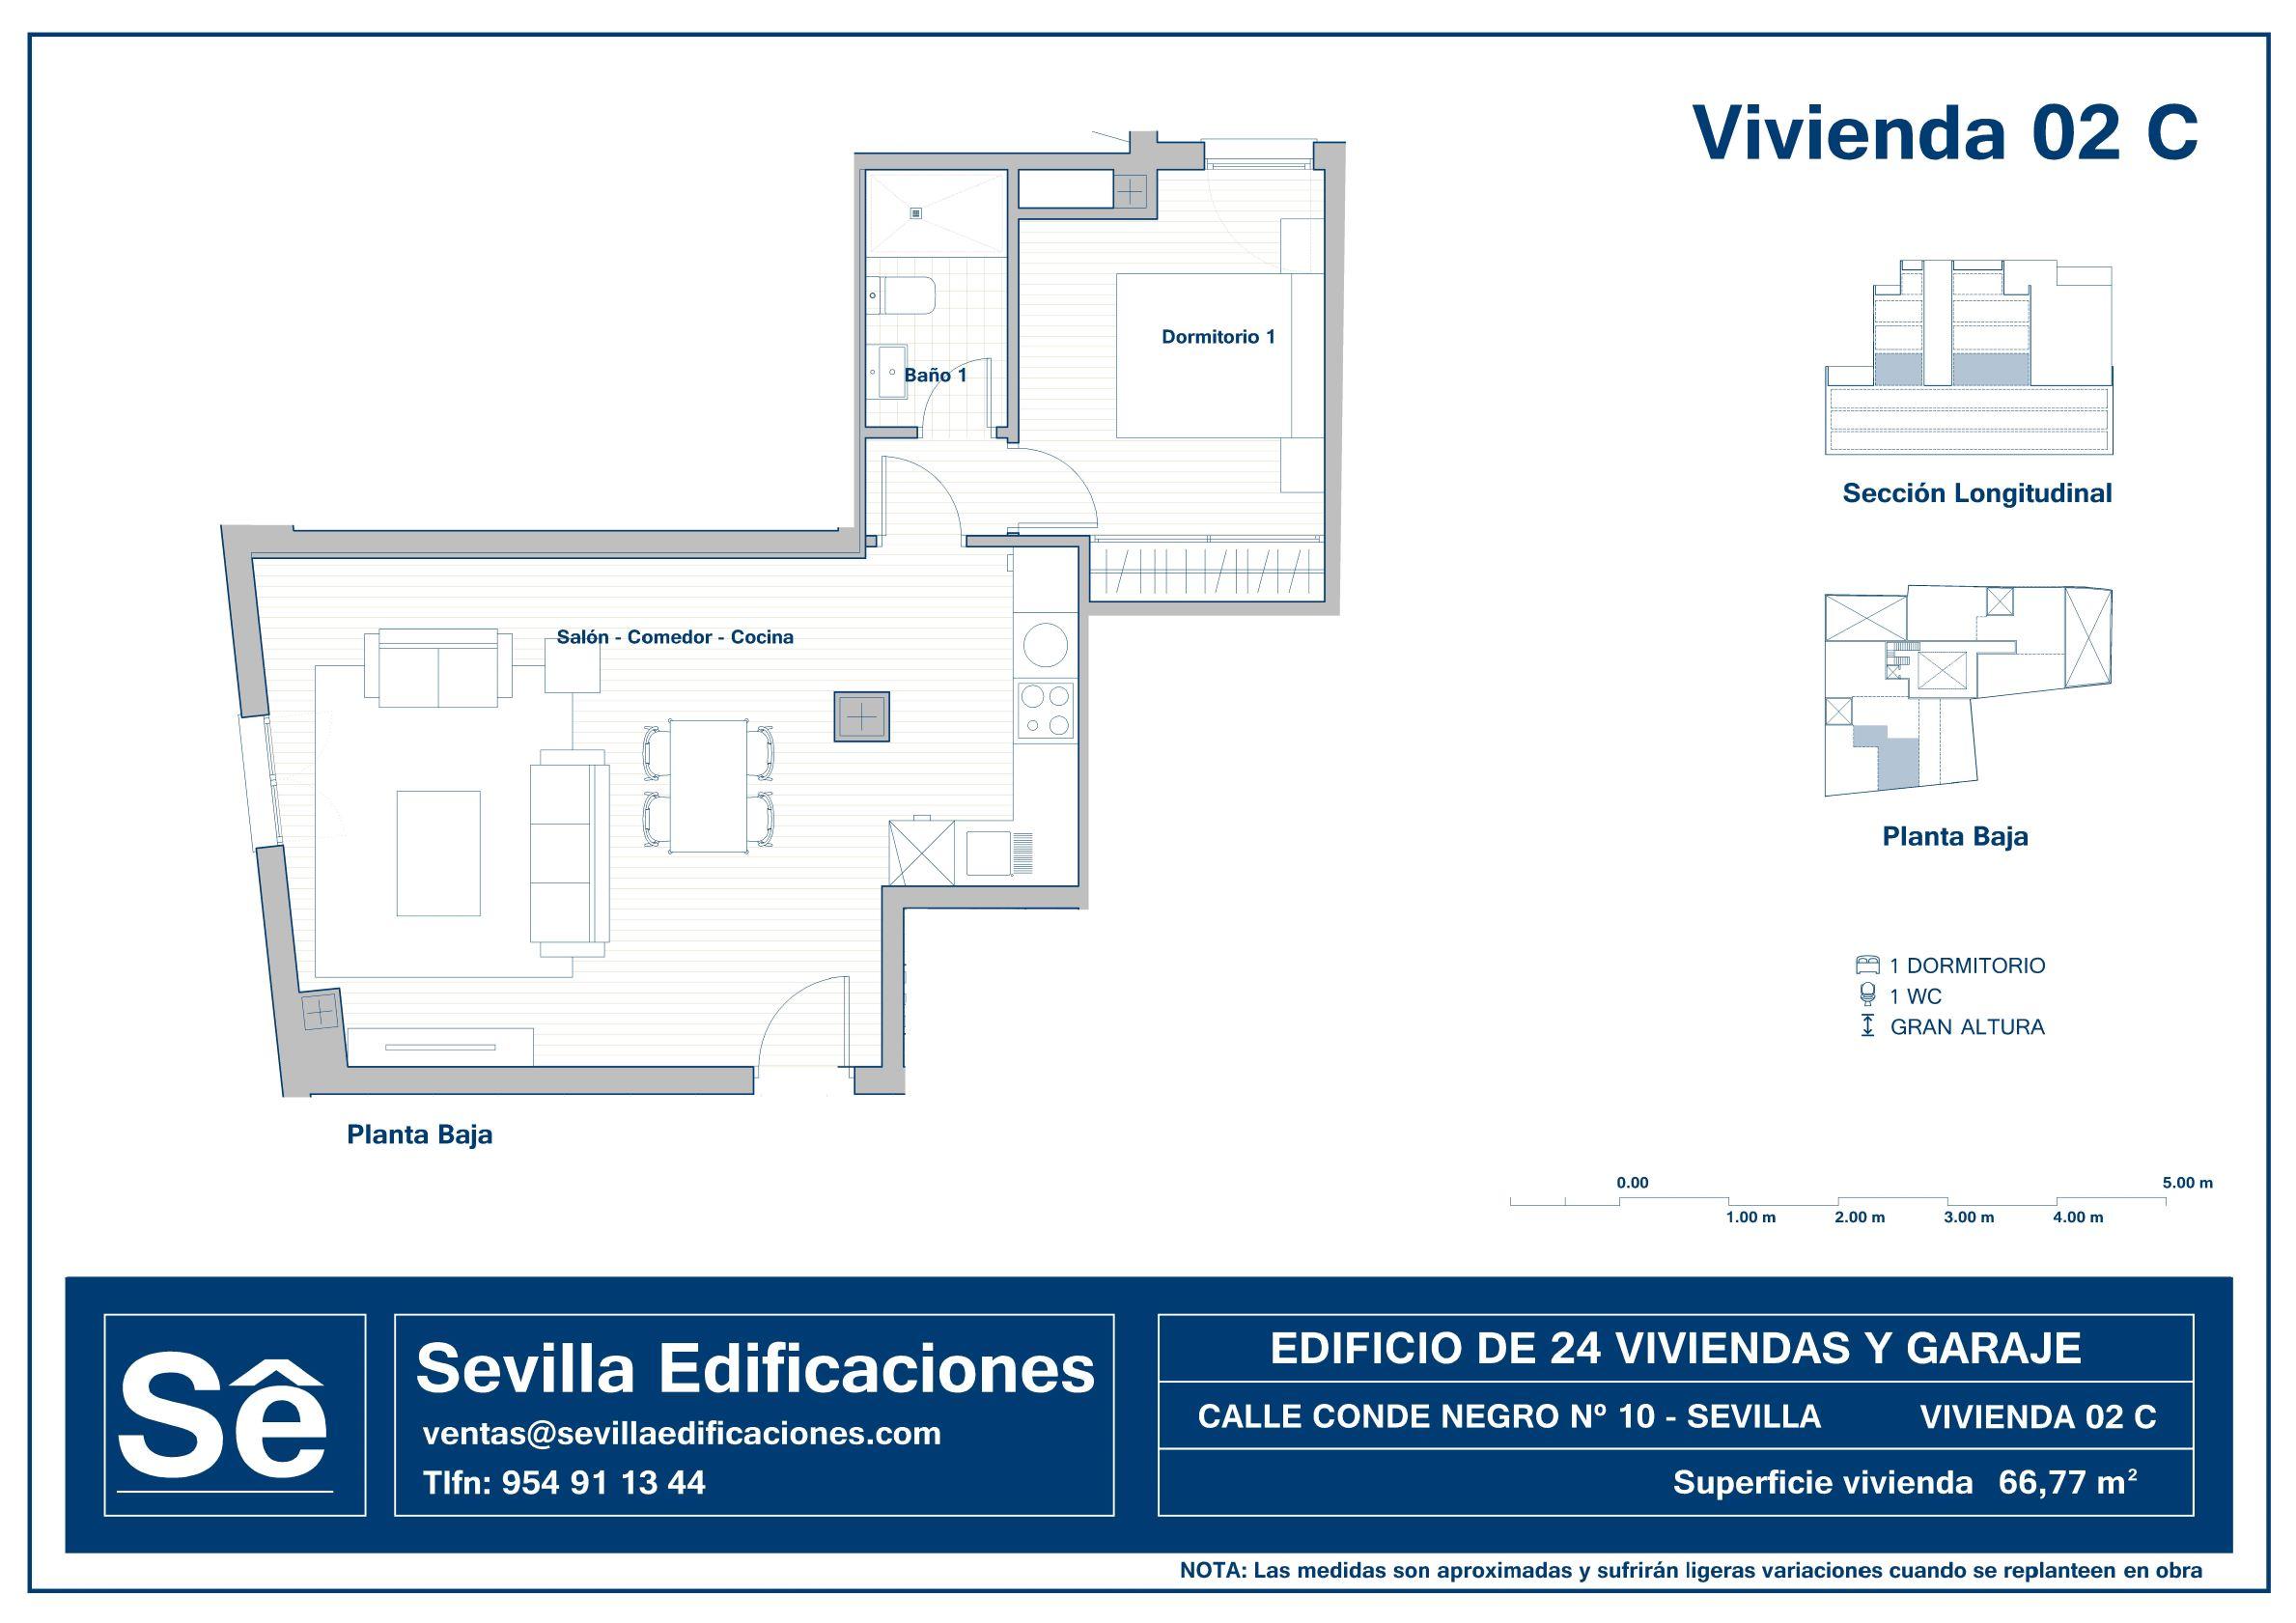 CONDENEGRO_VIVIENDA__02_C